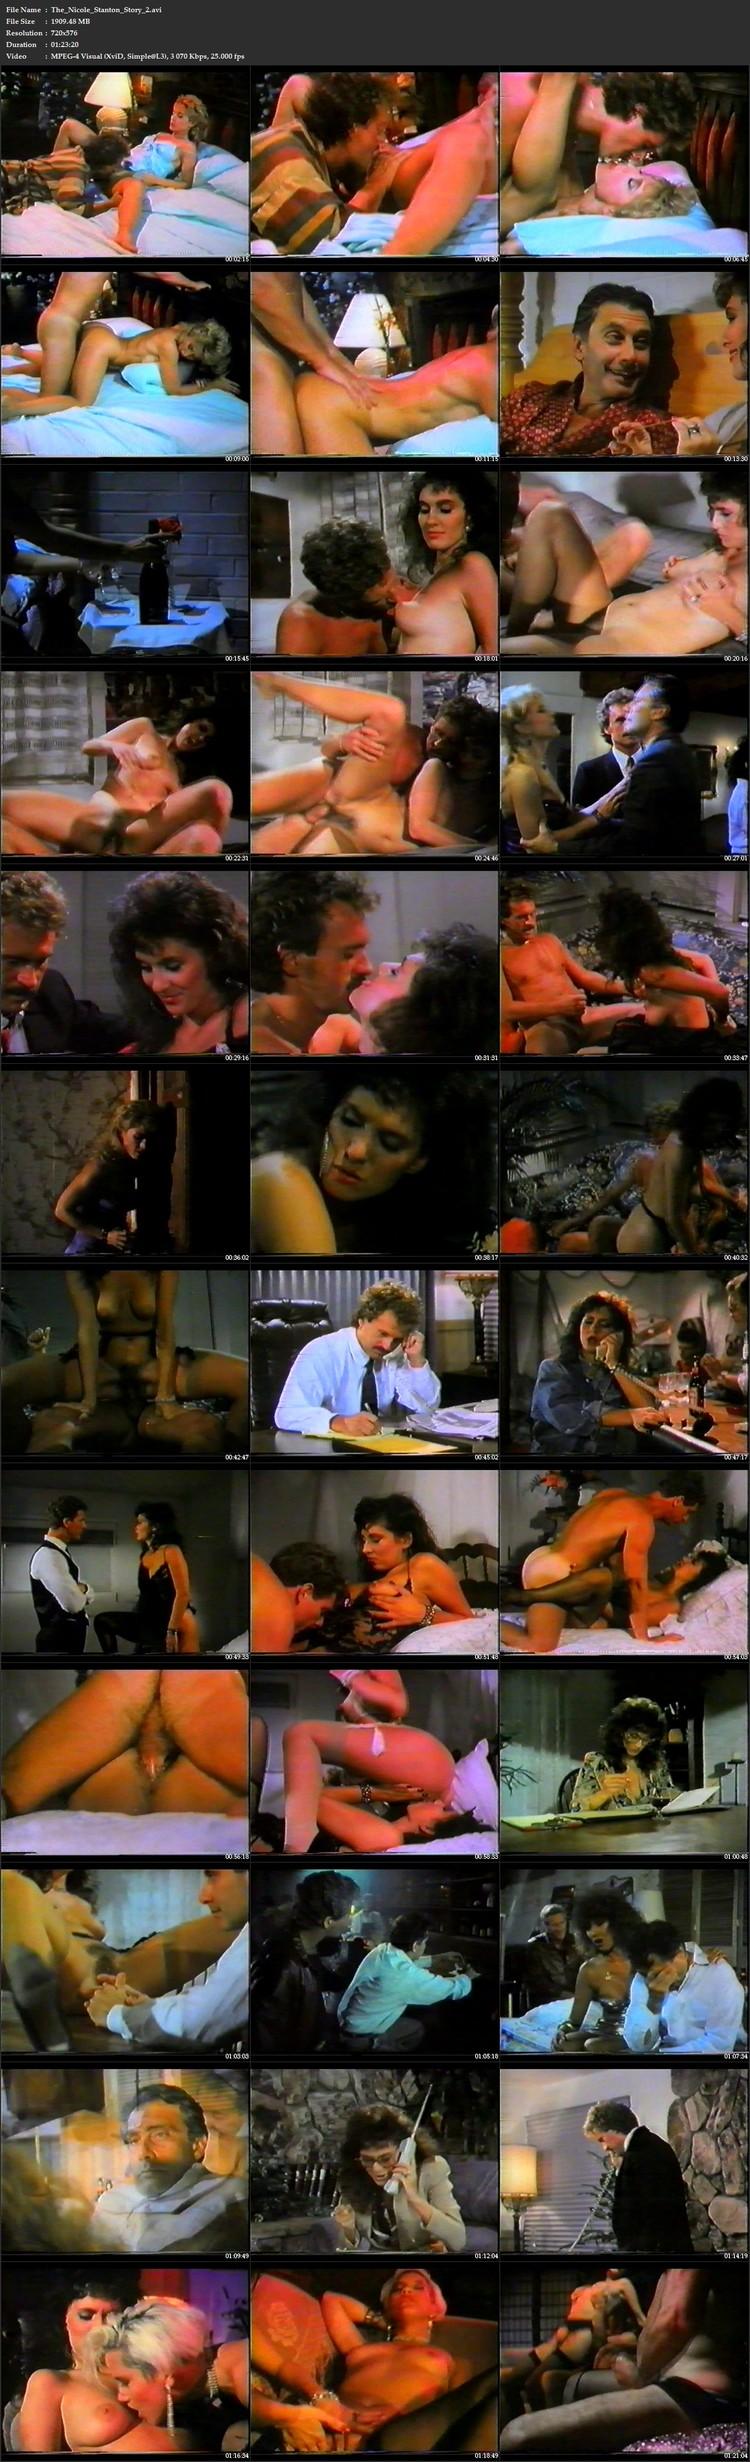 Nicole stanton story 2 1988pt1